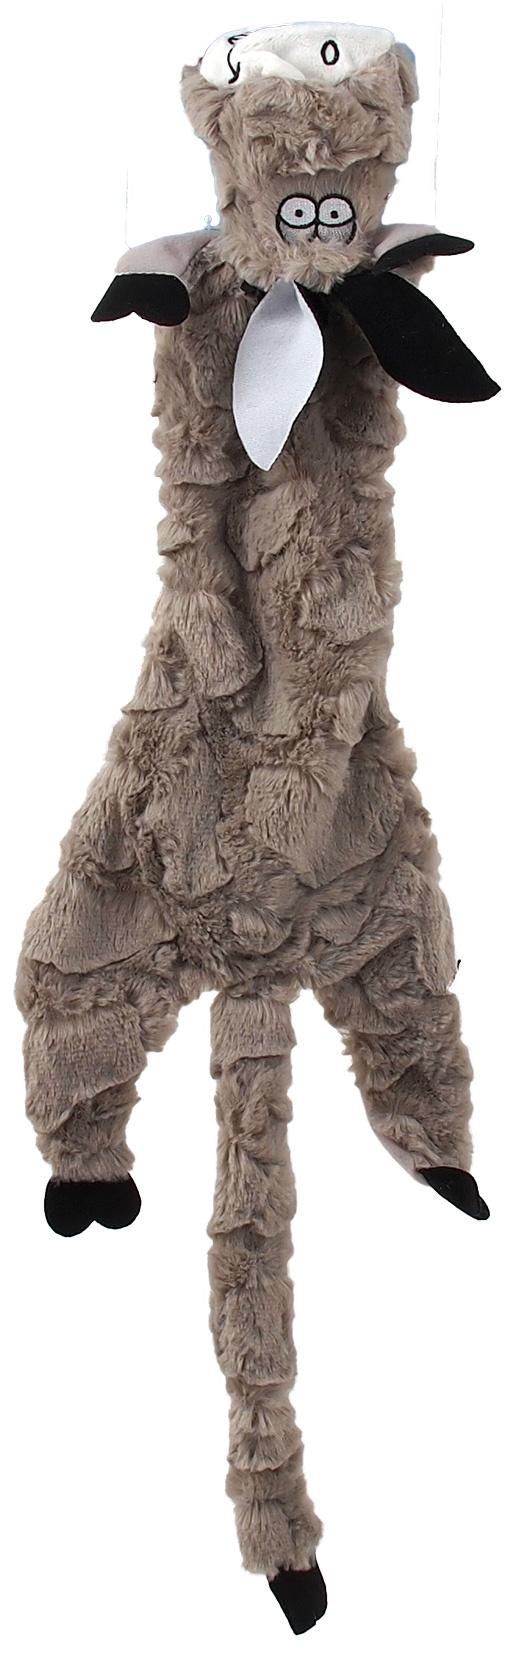 Rotaļlieta suņiem - Dog Fantasy Good's Skinneeez donkey, 57.5 cm